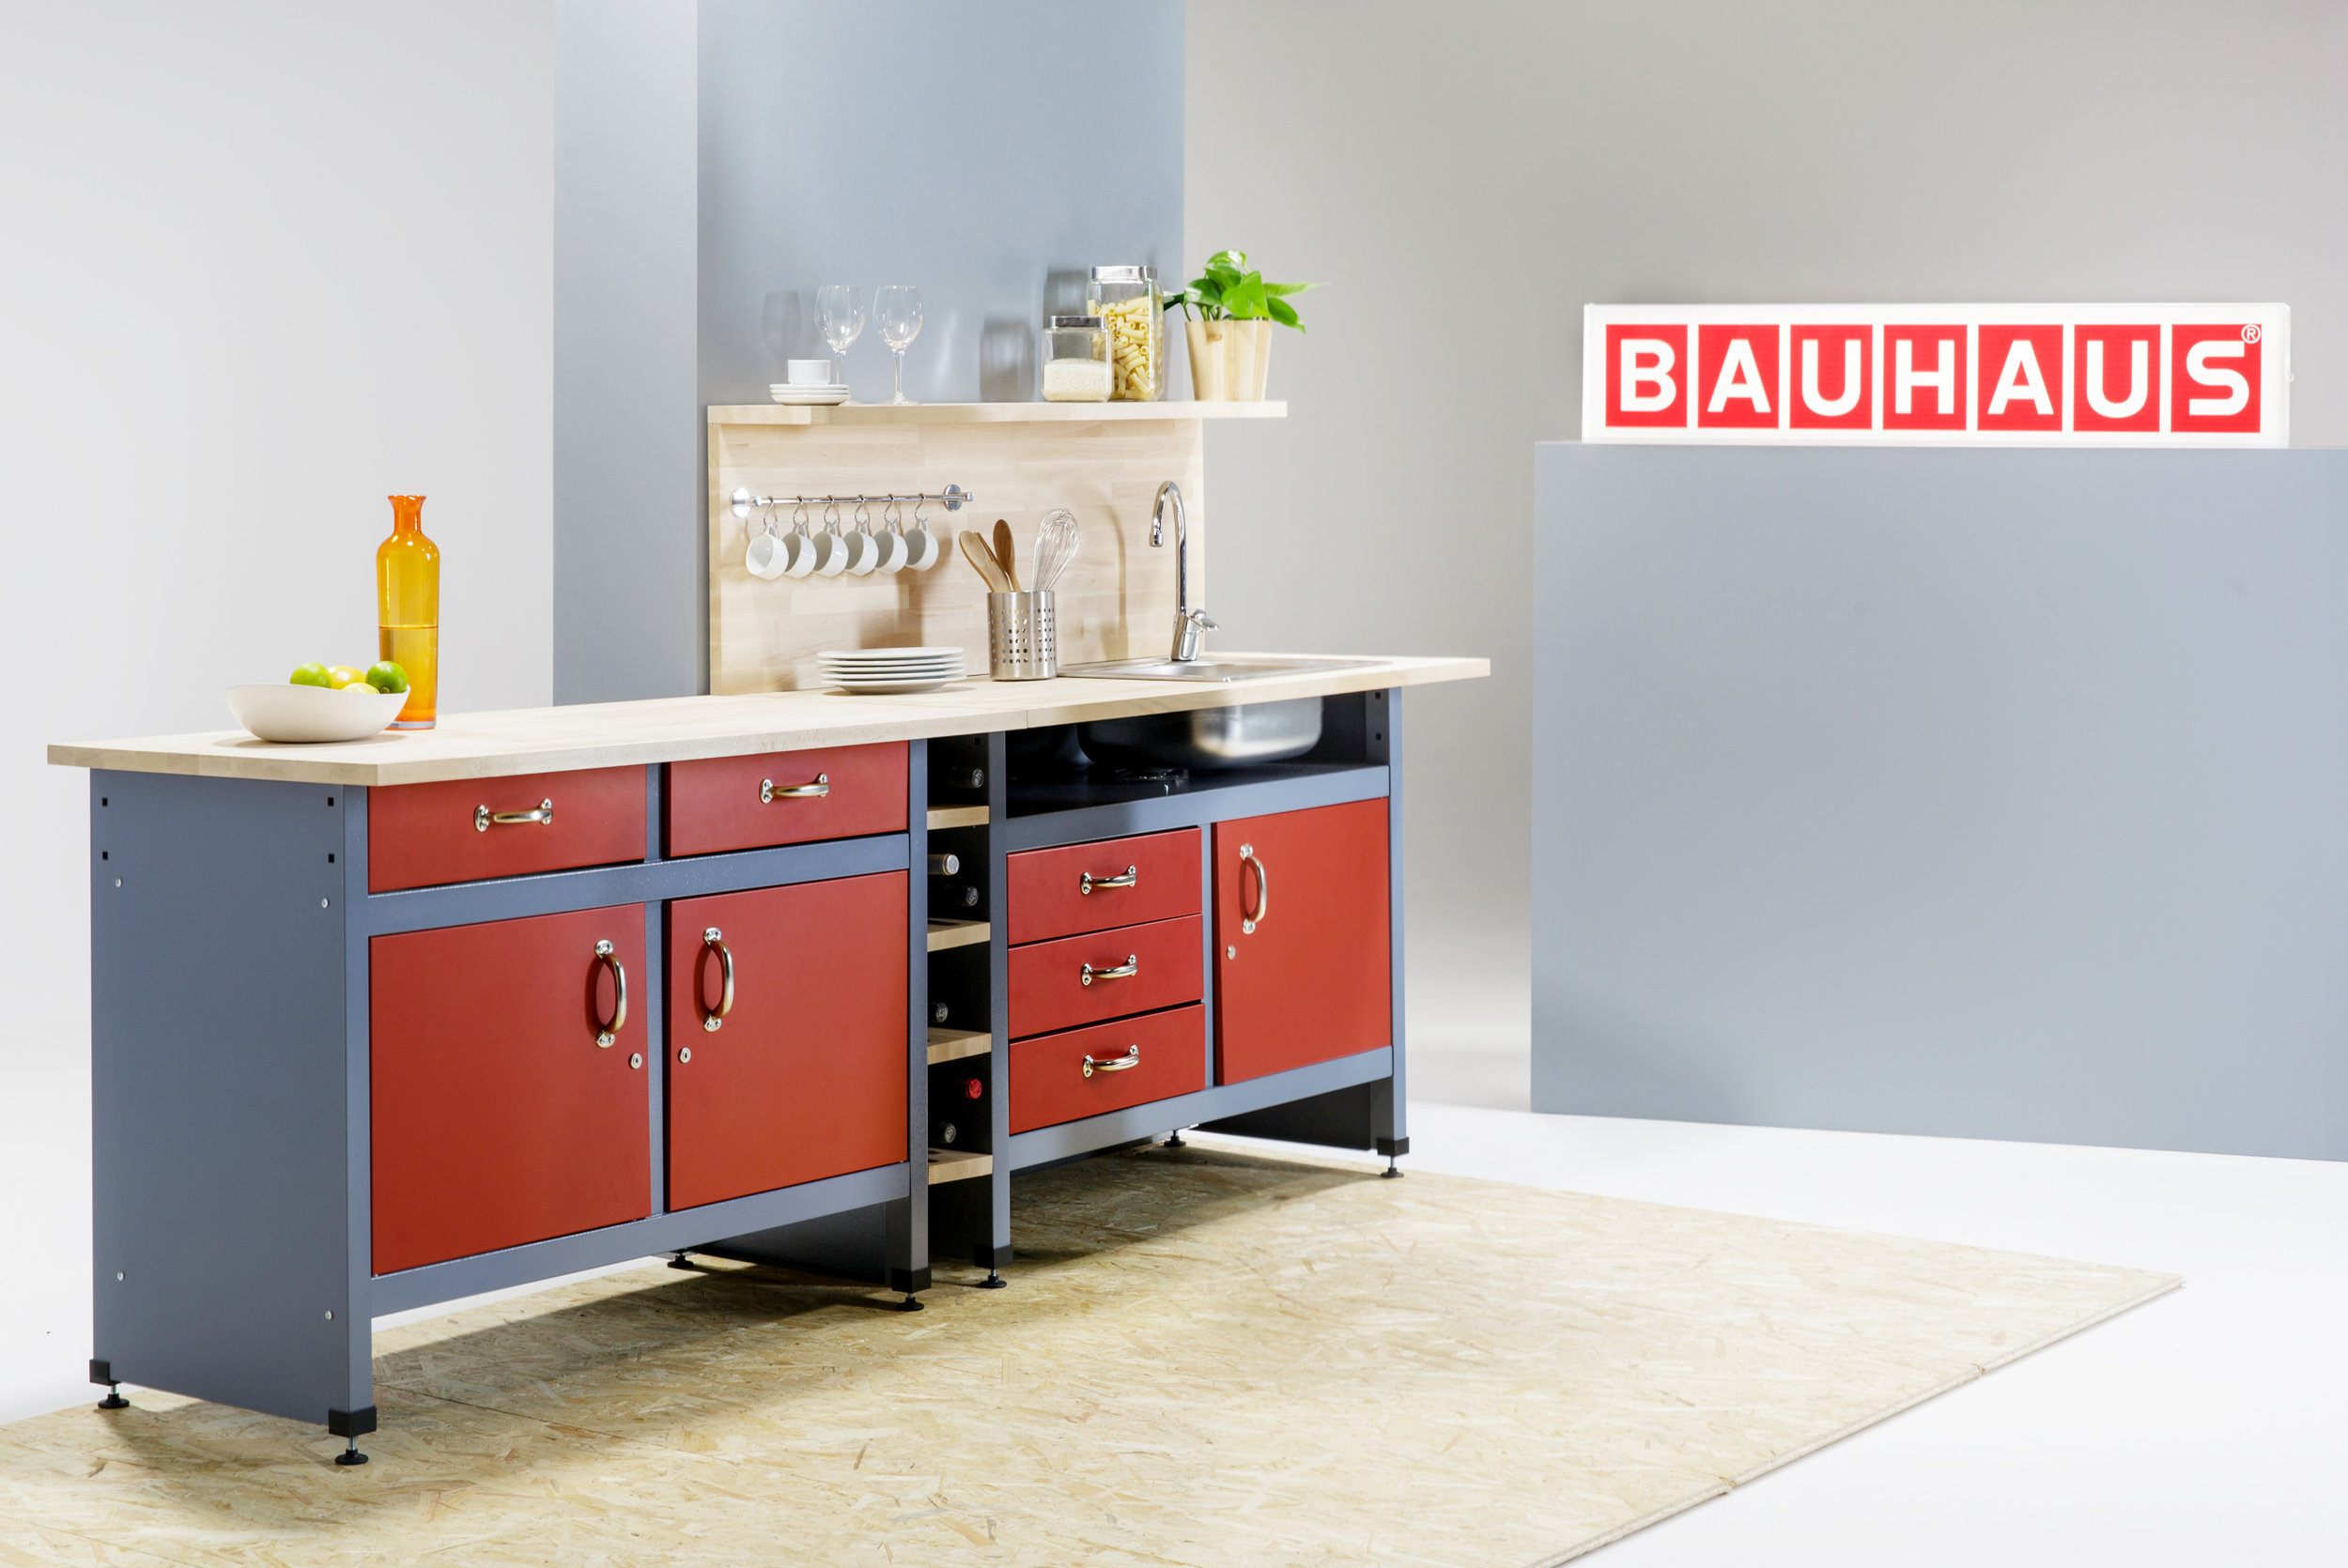 Bauhaus_finals_WEB2.jpg